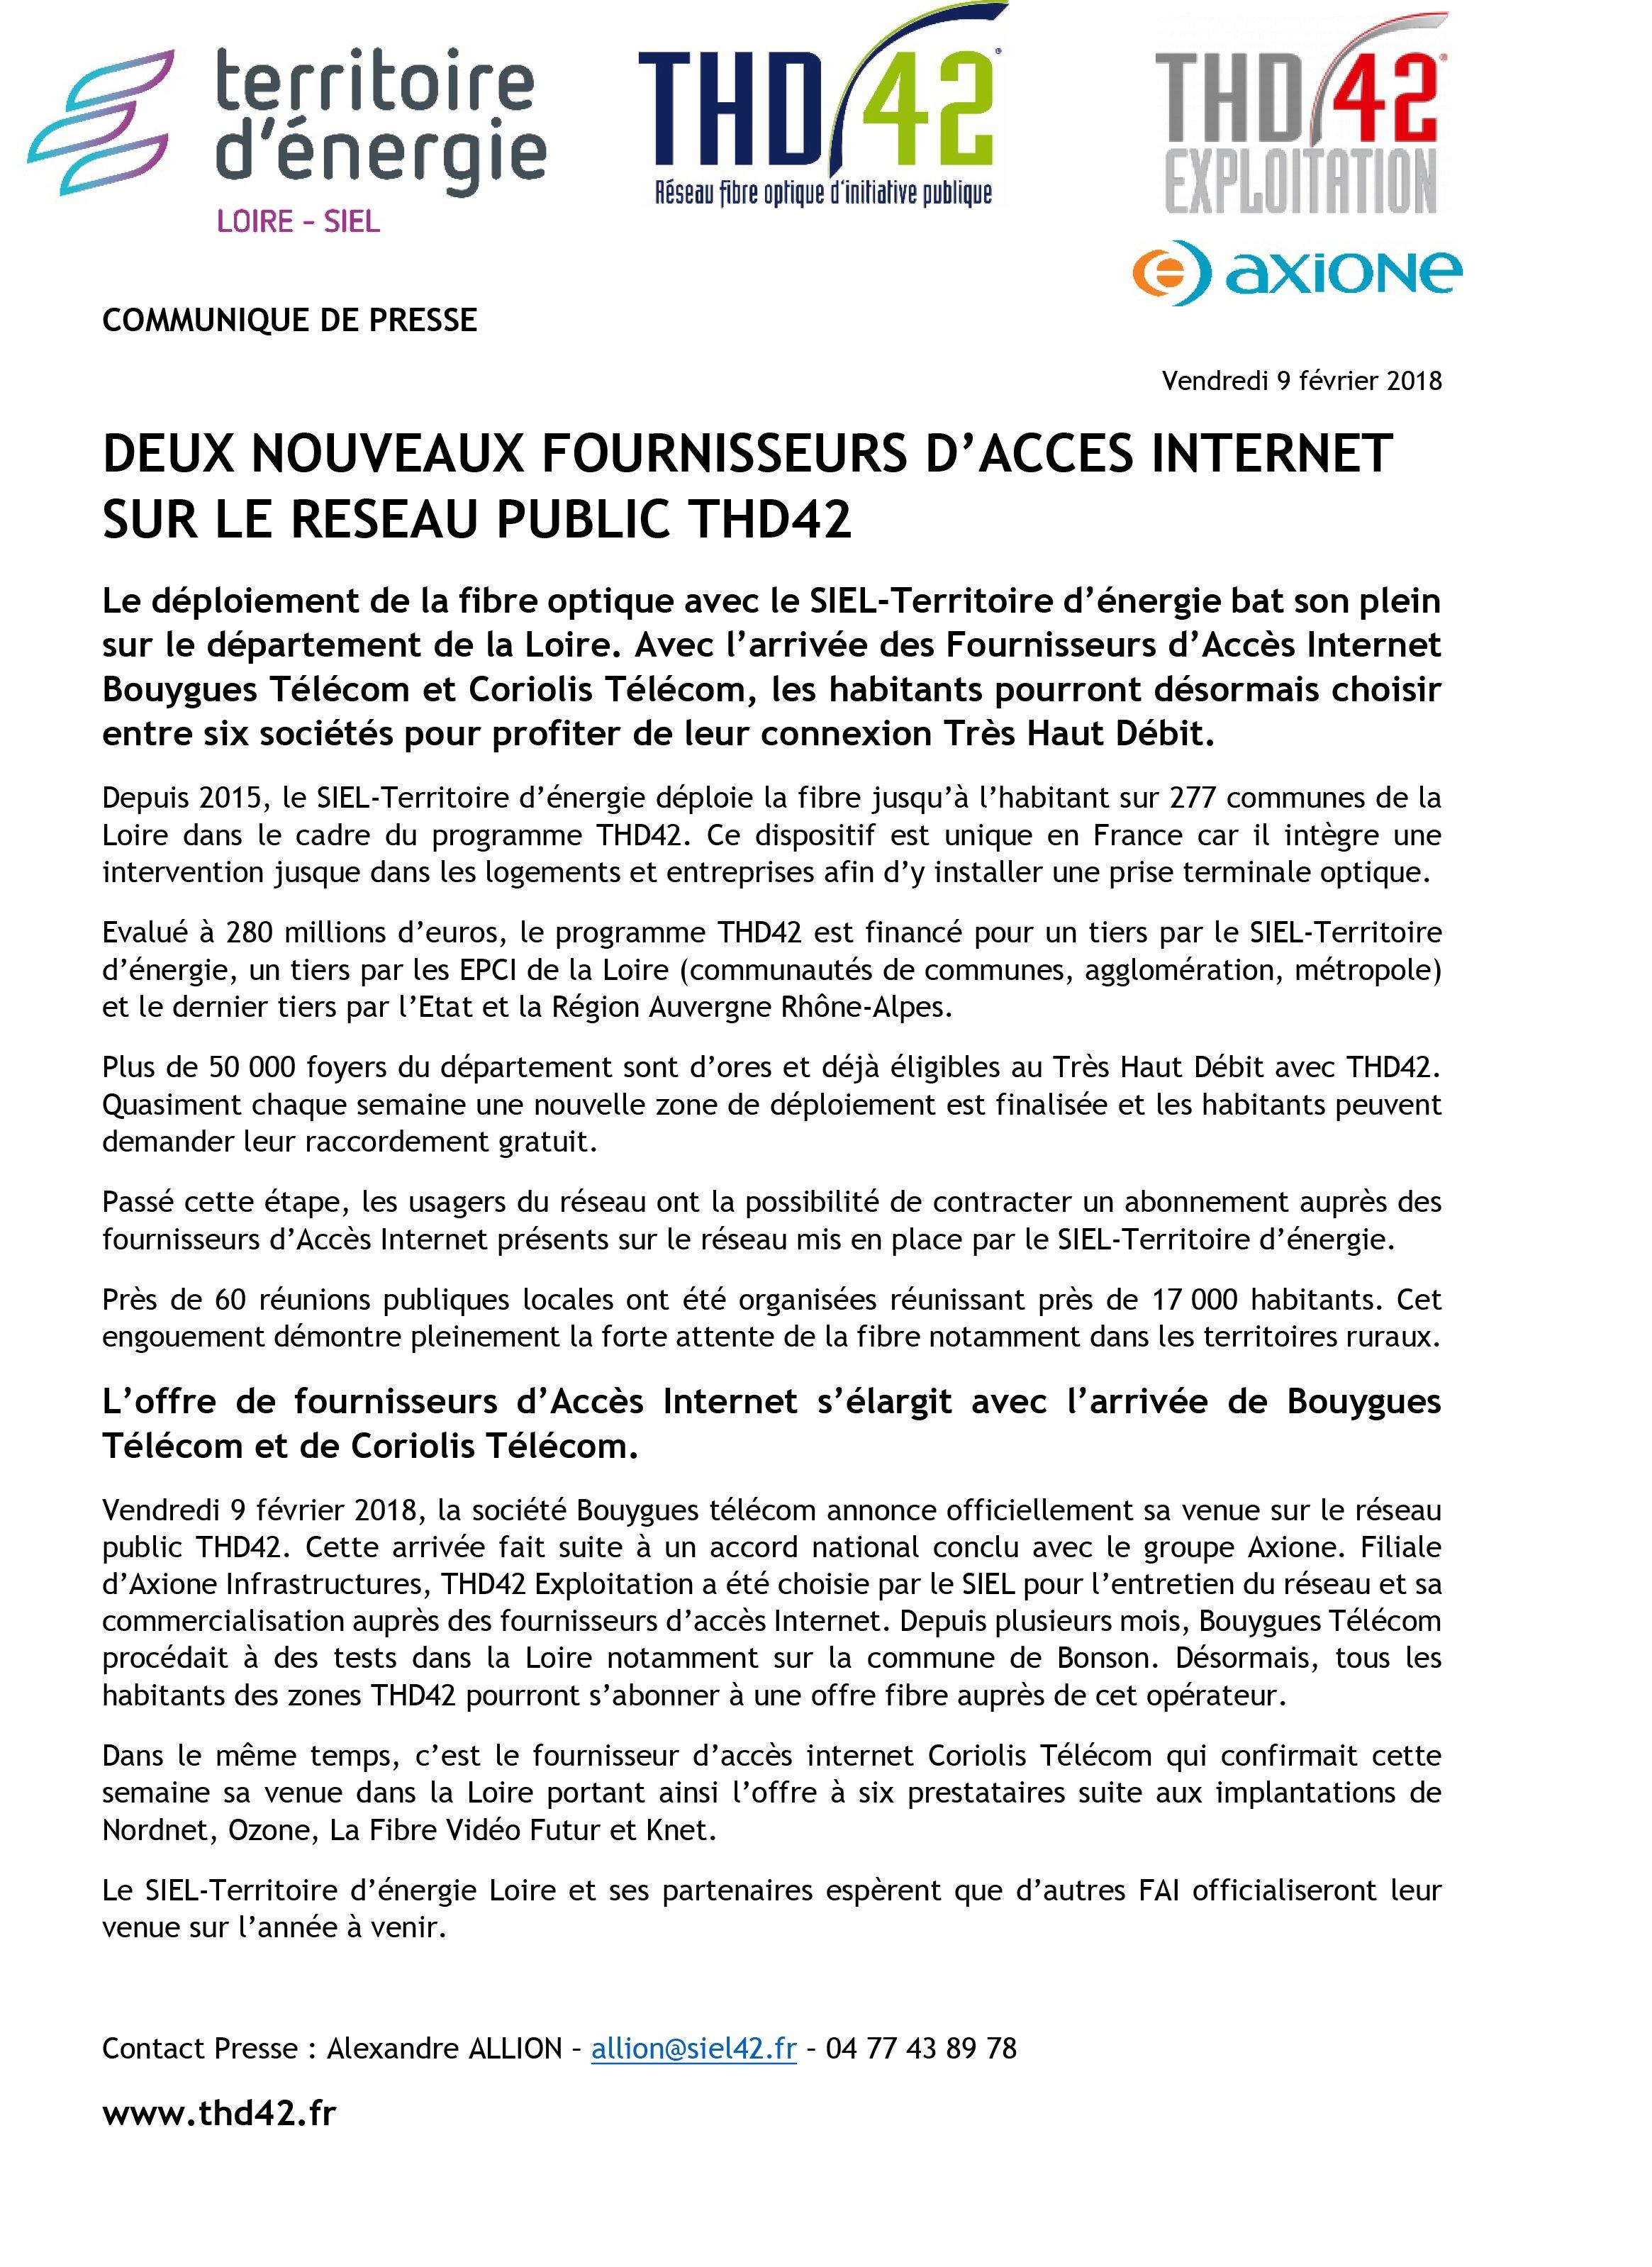 communique-de-presse-fai-thd42v3_page_1